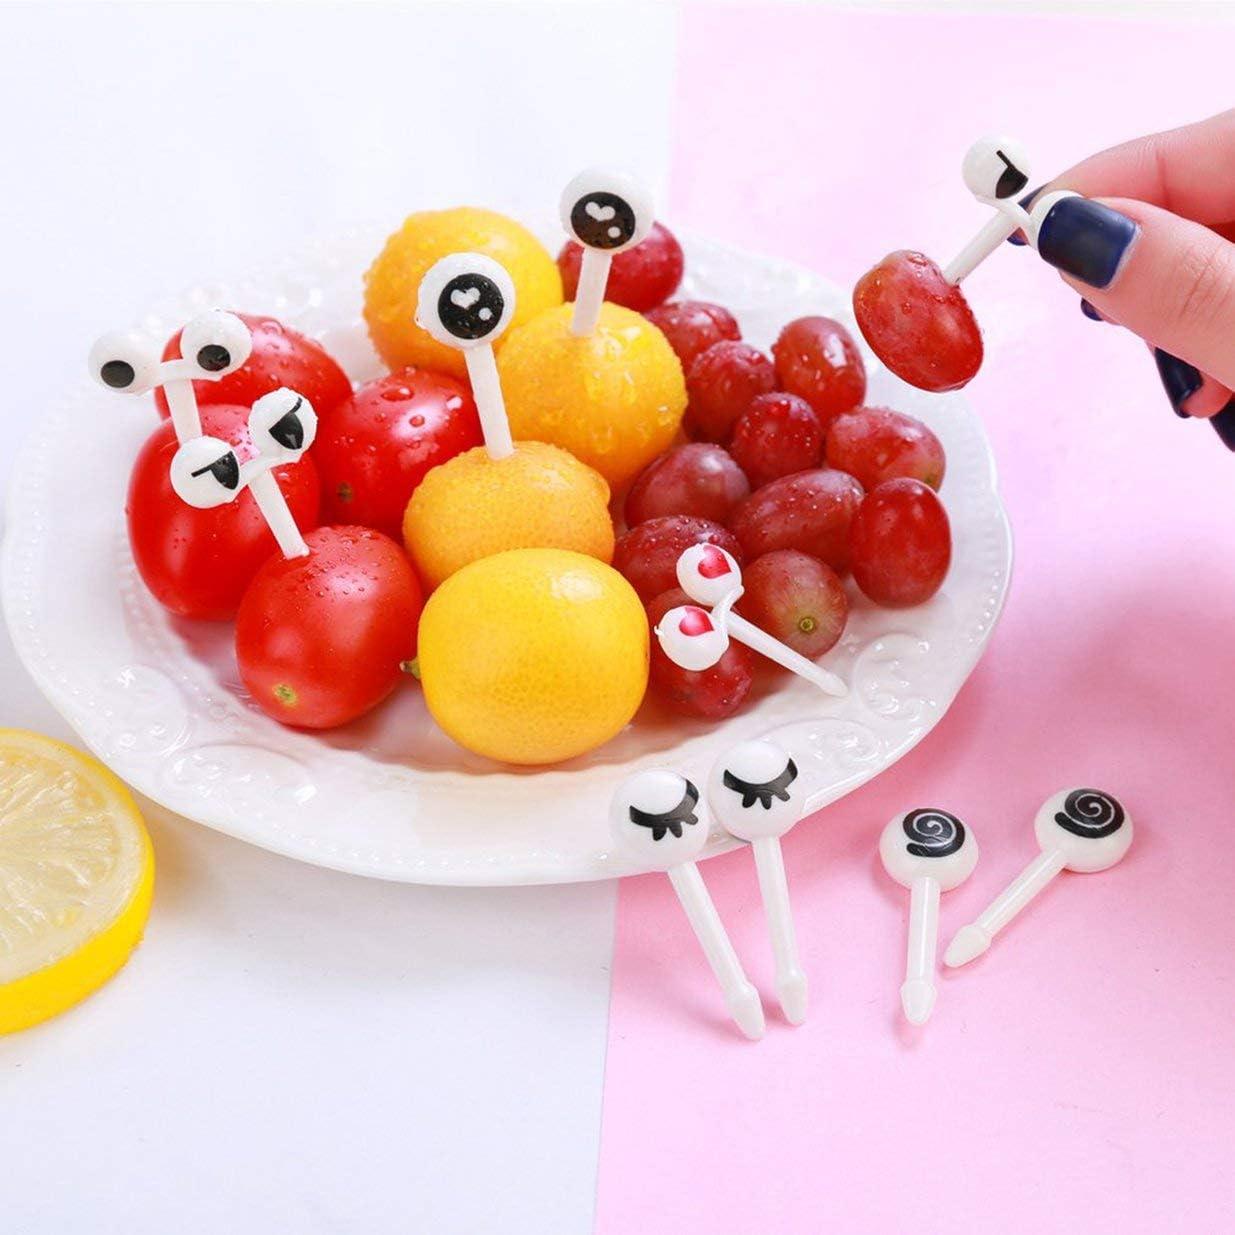 Modello per Gli Occhi Stuzzicadenti Formiche laboriose Forchette da Frutta Forchette da Insalata da tavola Stoviglie Uso Multiplo per la casa del Partito Bianco e Nero